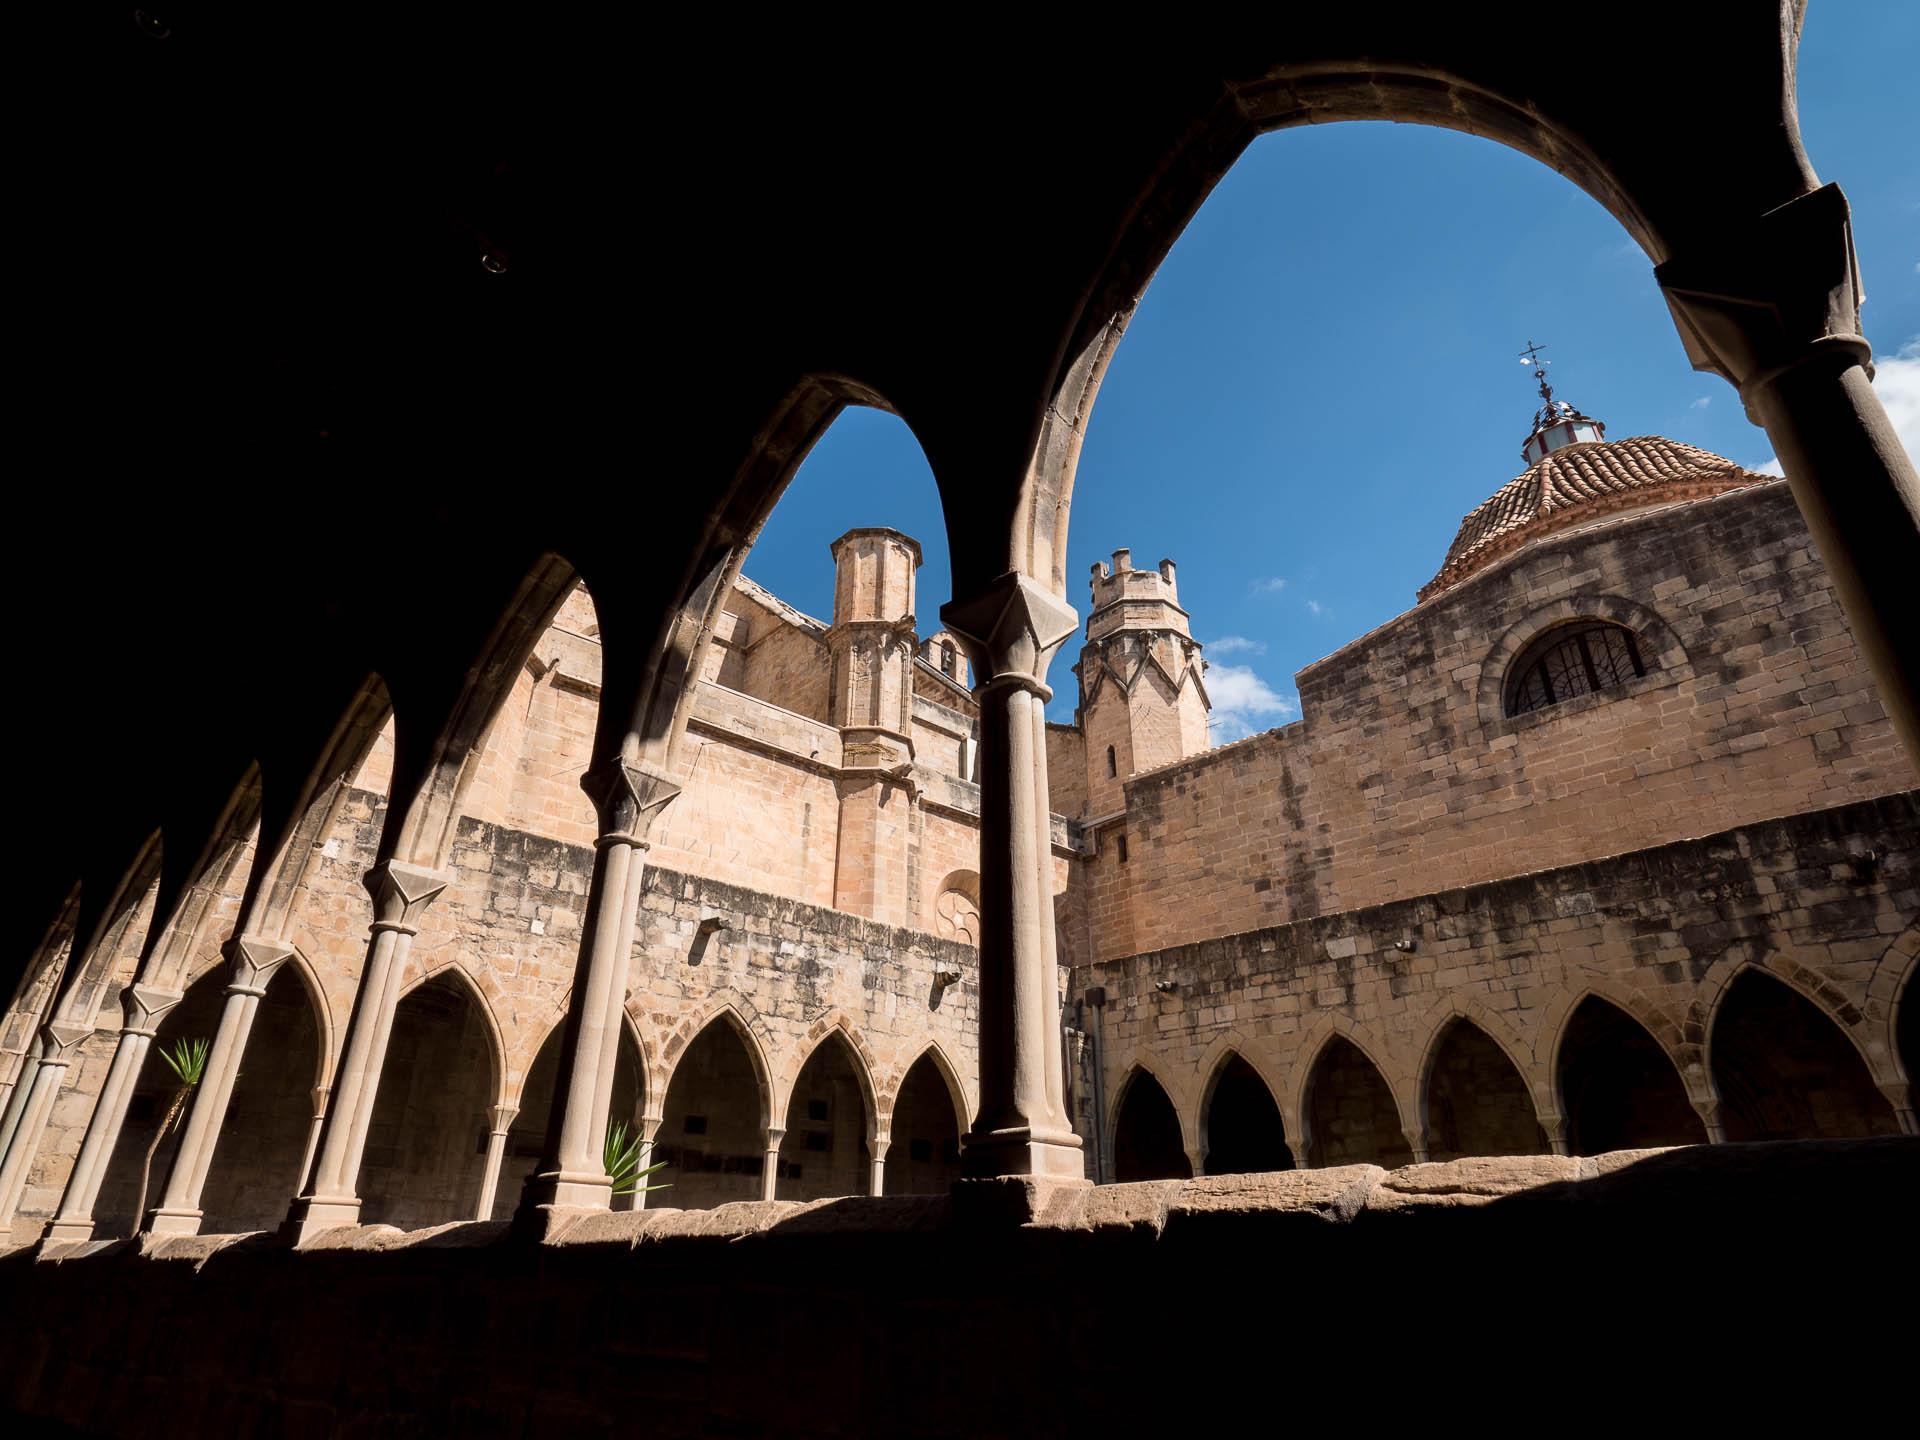 tortosa cathédrale cour arcade - Les globe blogueurs - blog voyage nature